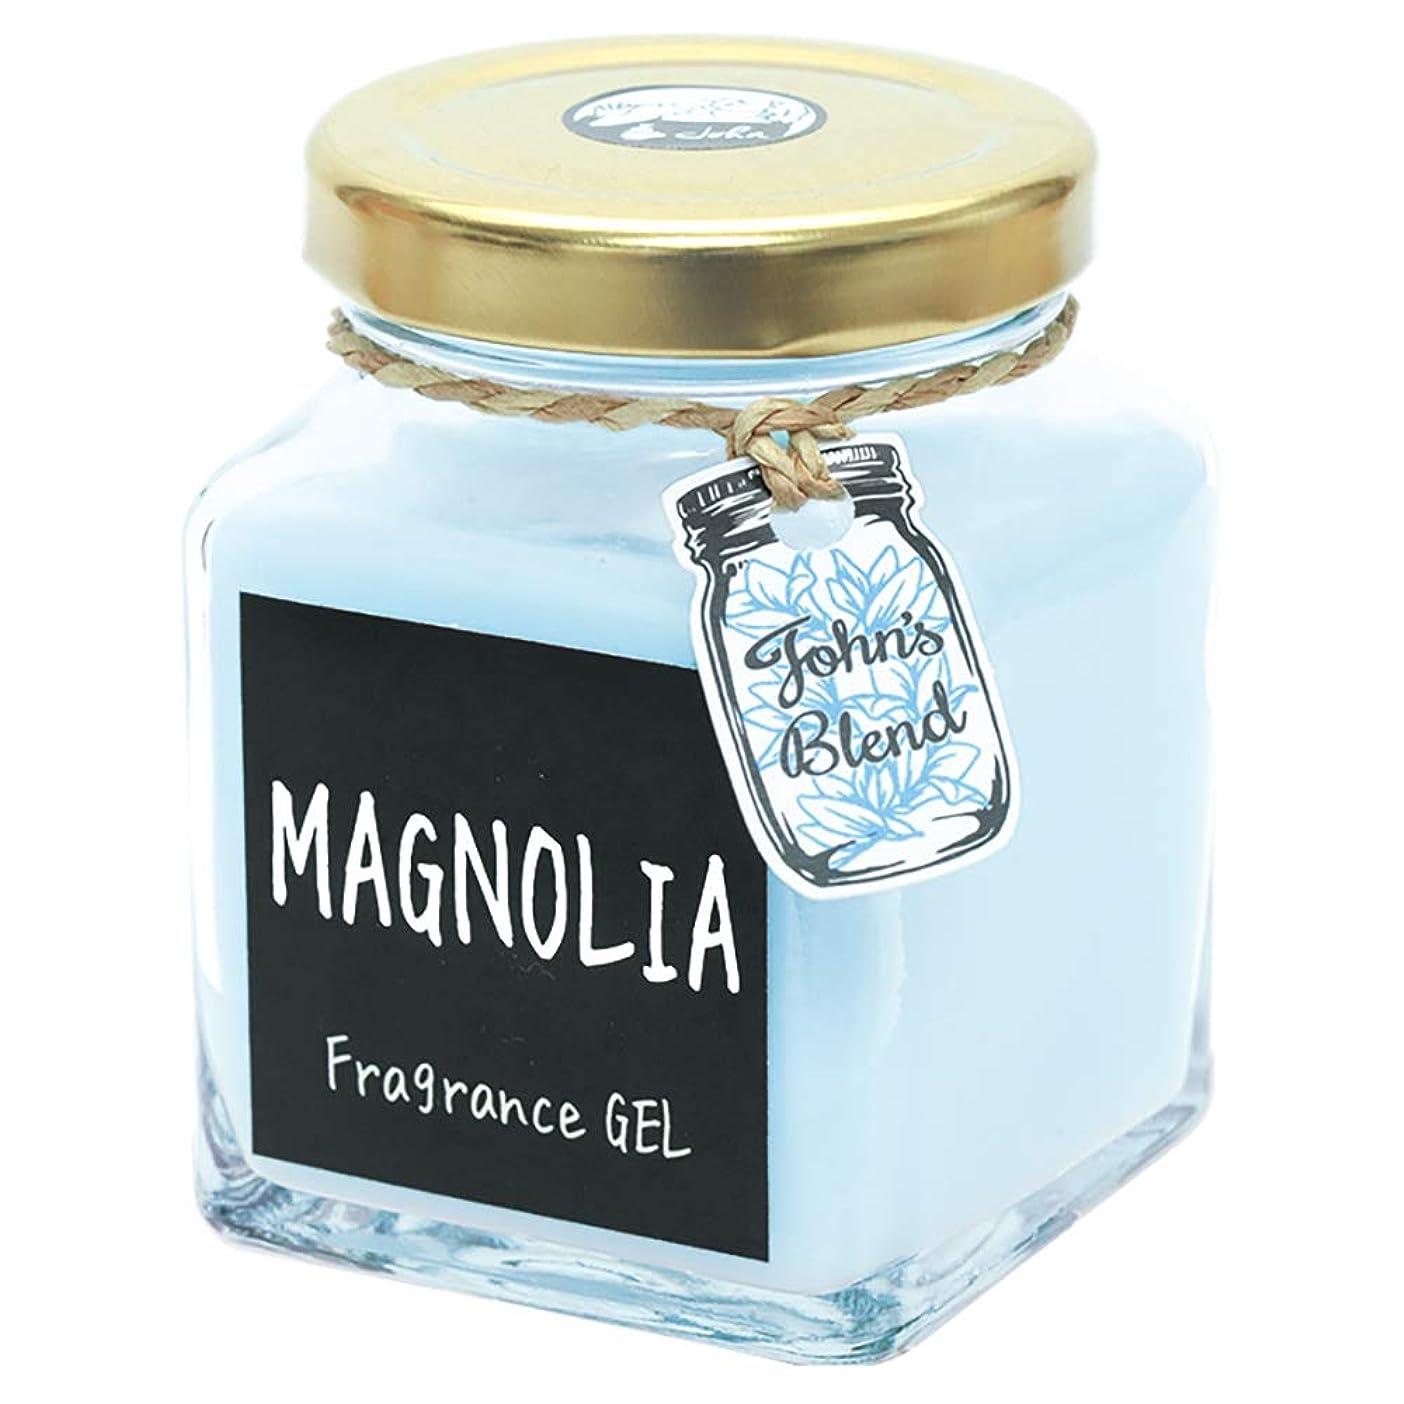 特定のグラマー高層ビルノルコーポレーション John's Blend ルームフレグランス フレグランスジェル OA-JON-4-7 マグノリアの香り 135g